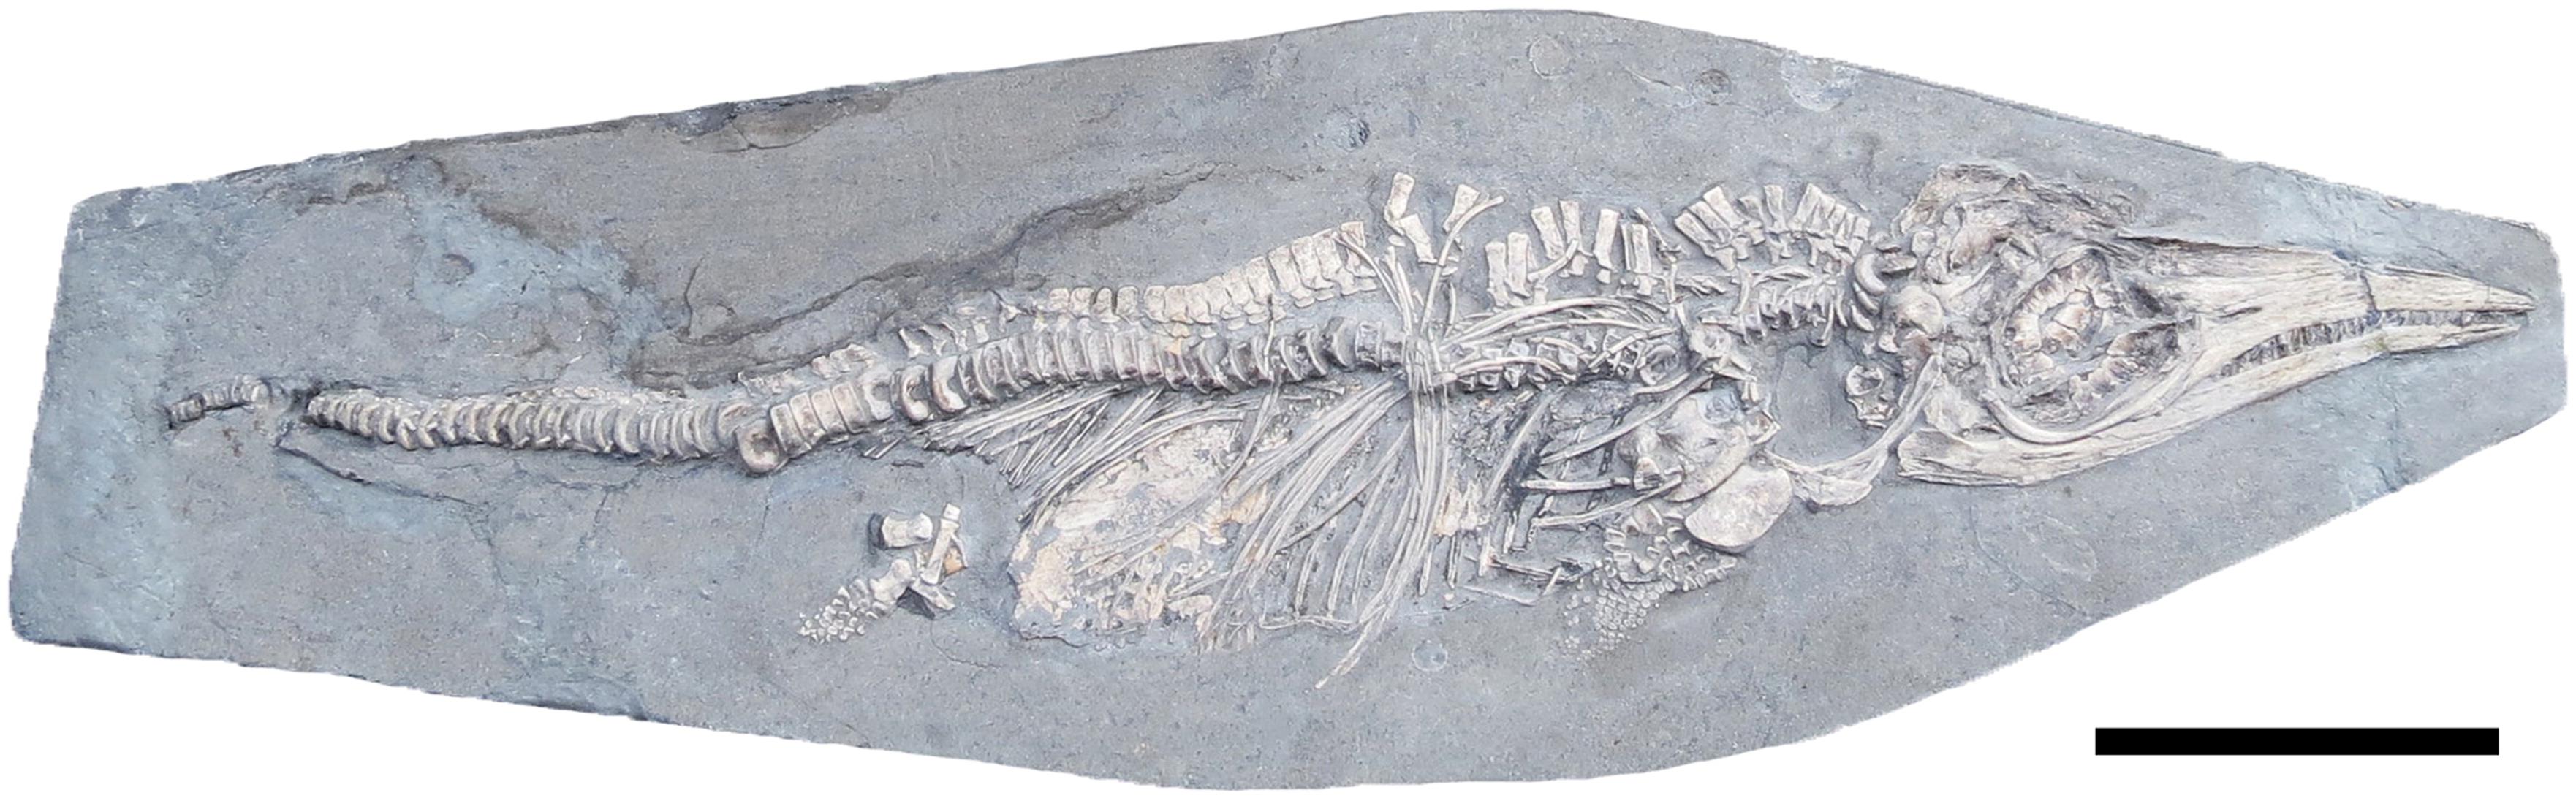 Ученые нашли ихтиозавра, который умер от булимии